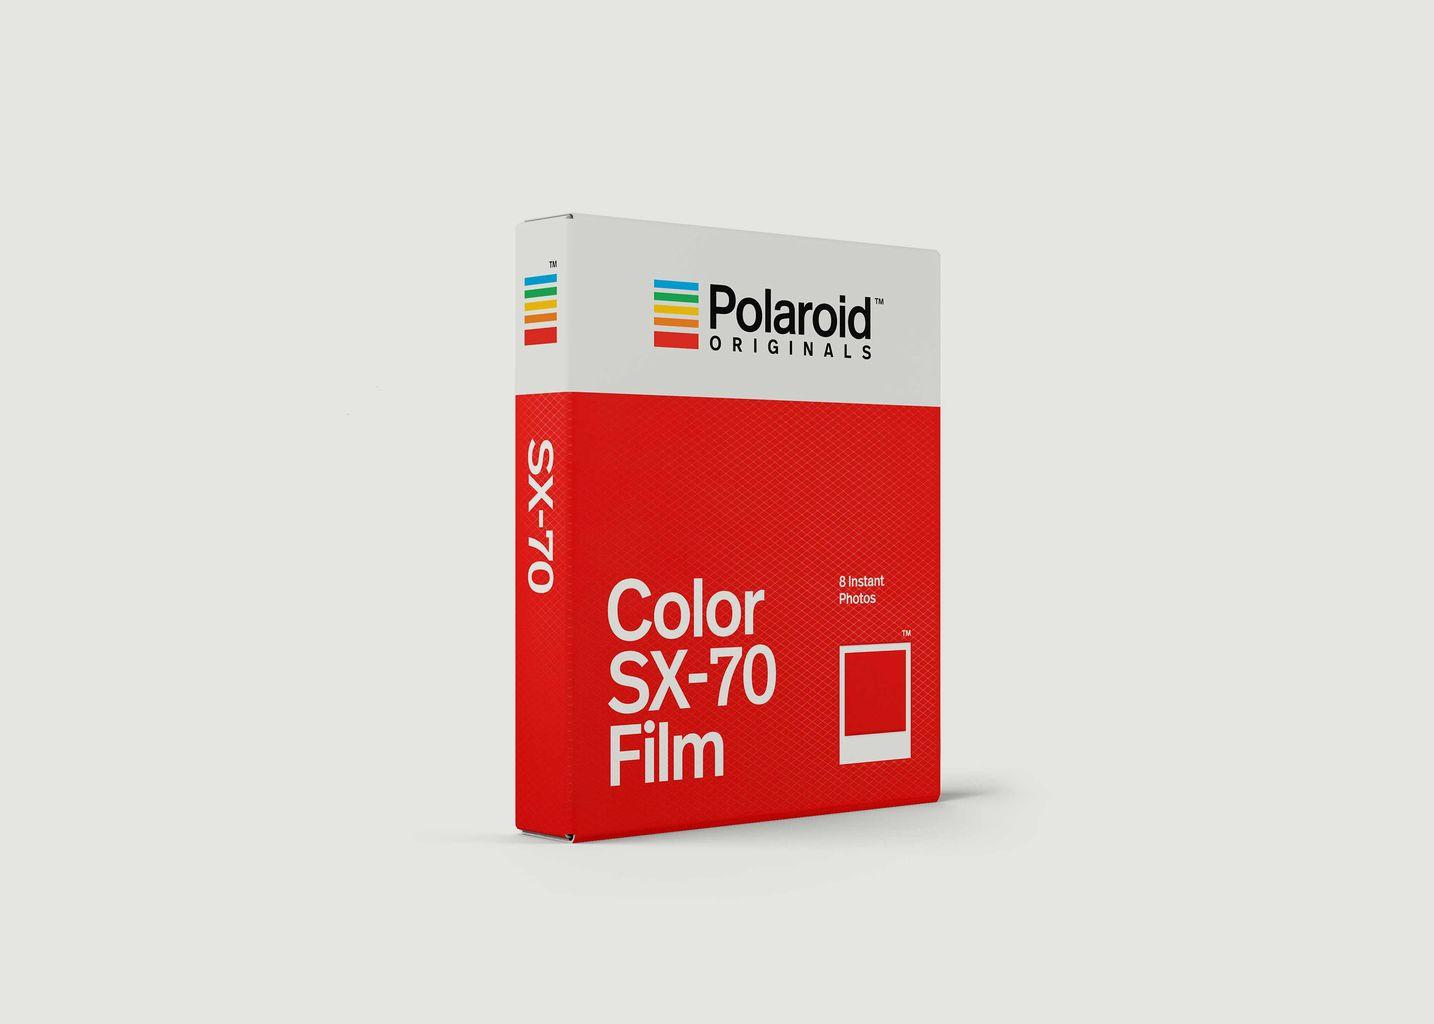 Color Film for SX-70 - Polaroid Originals